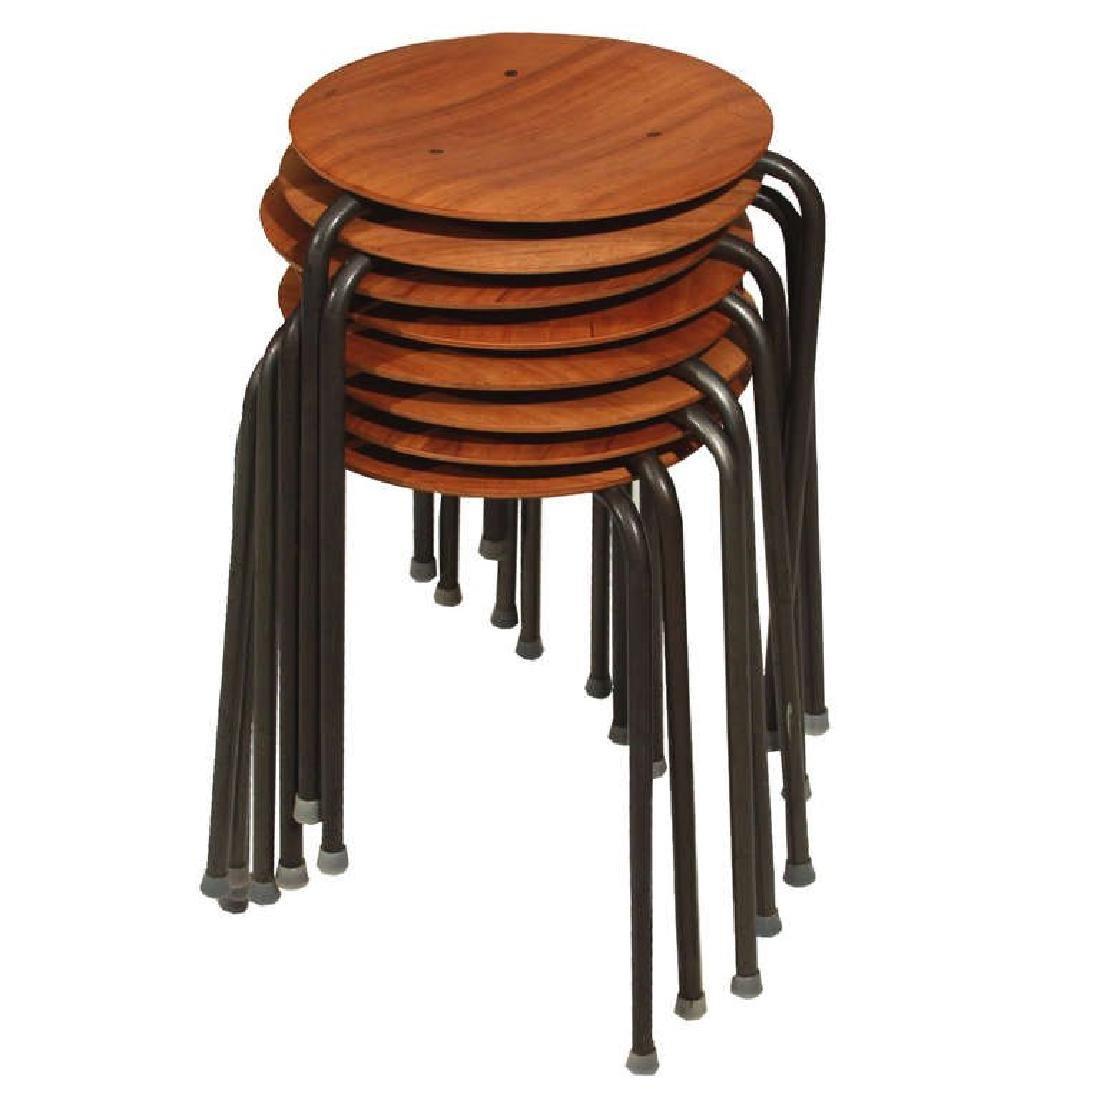 Molded Teak Plywood Stools (7) - 4